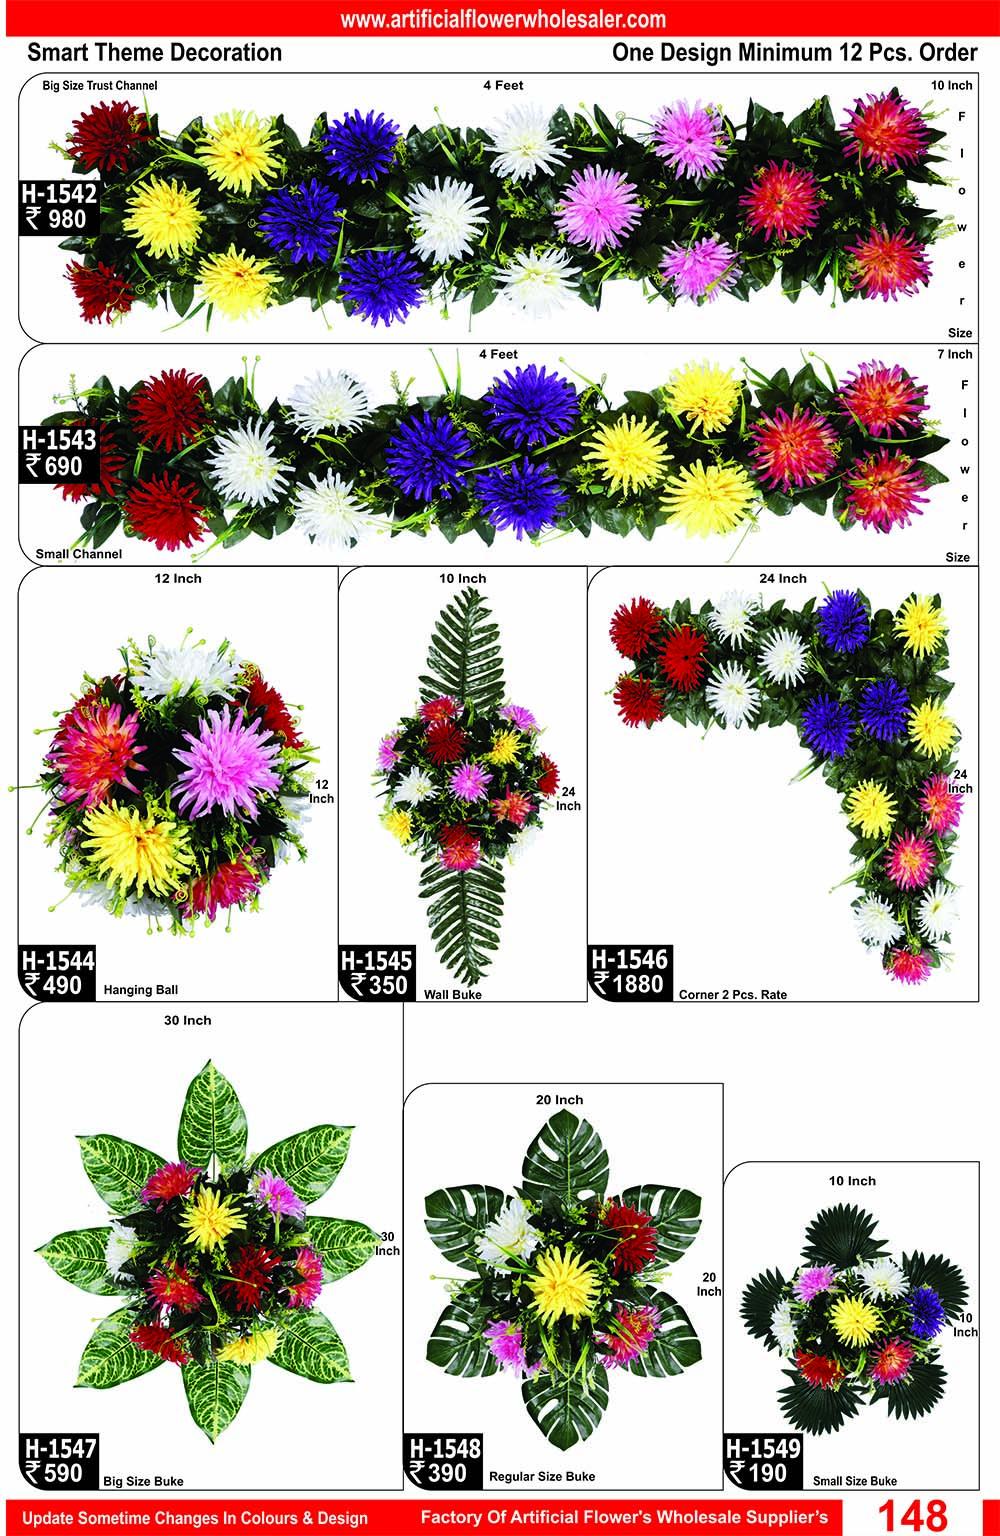 148-artificial-flower-wholesaler